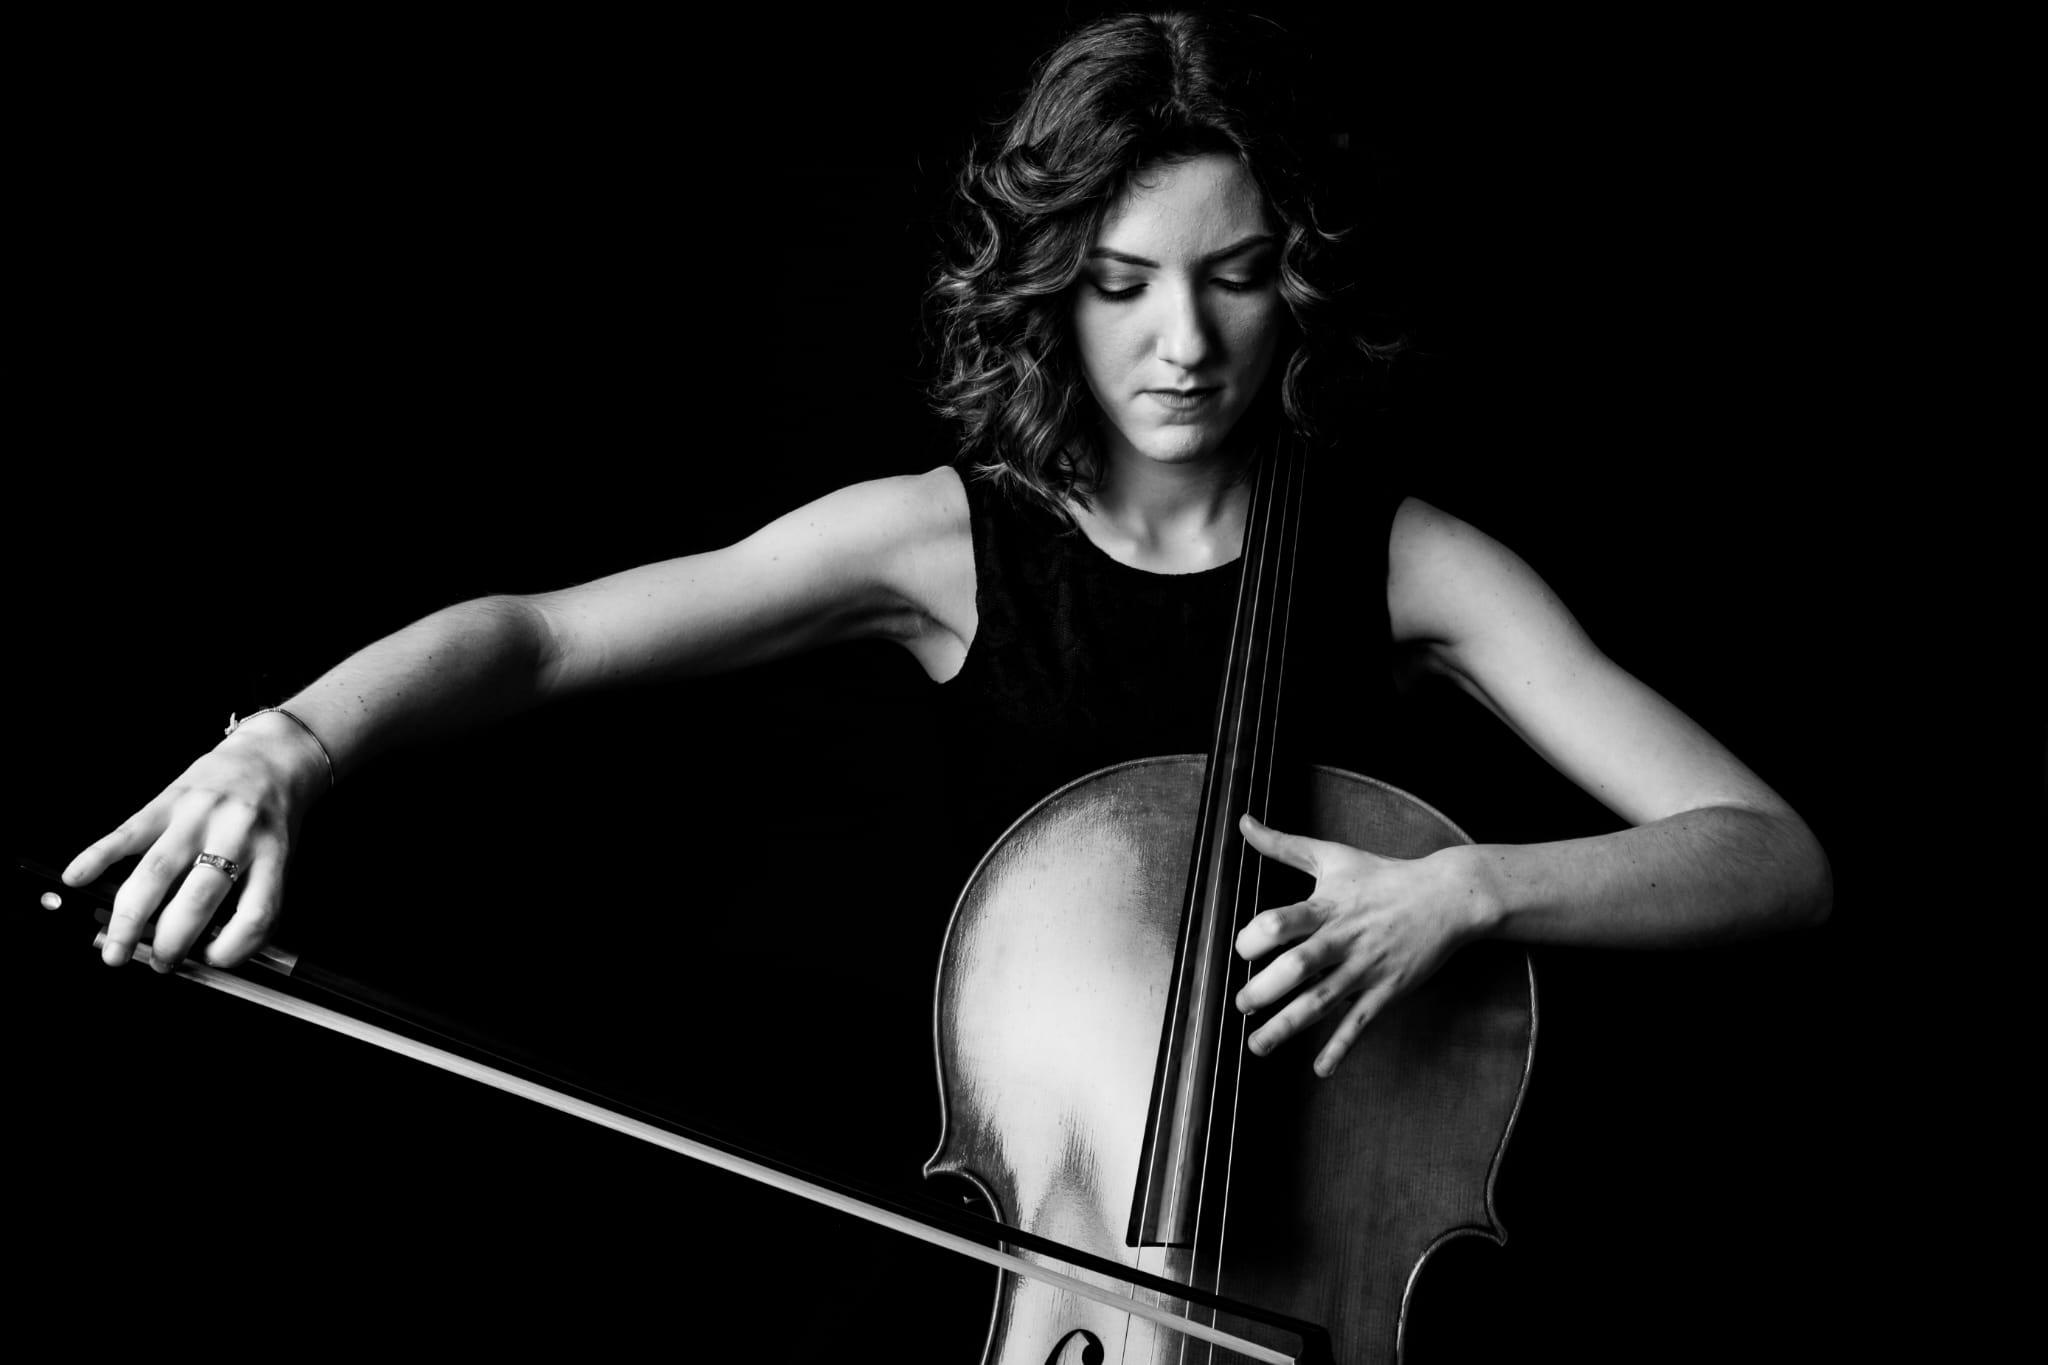 Foto insegnante violoncello